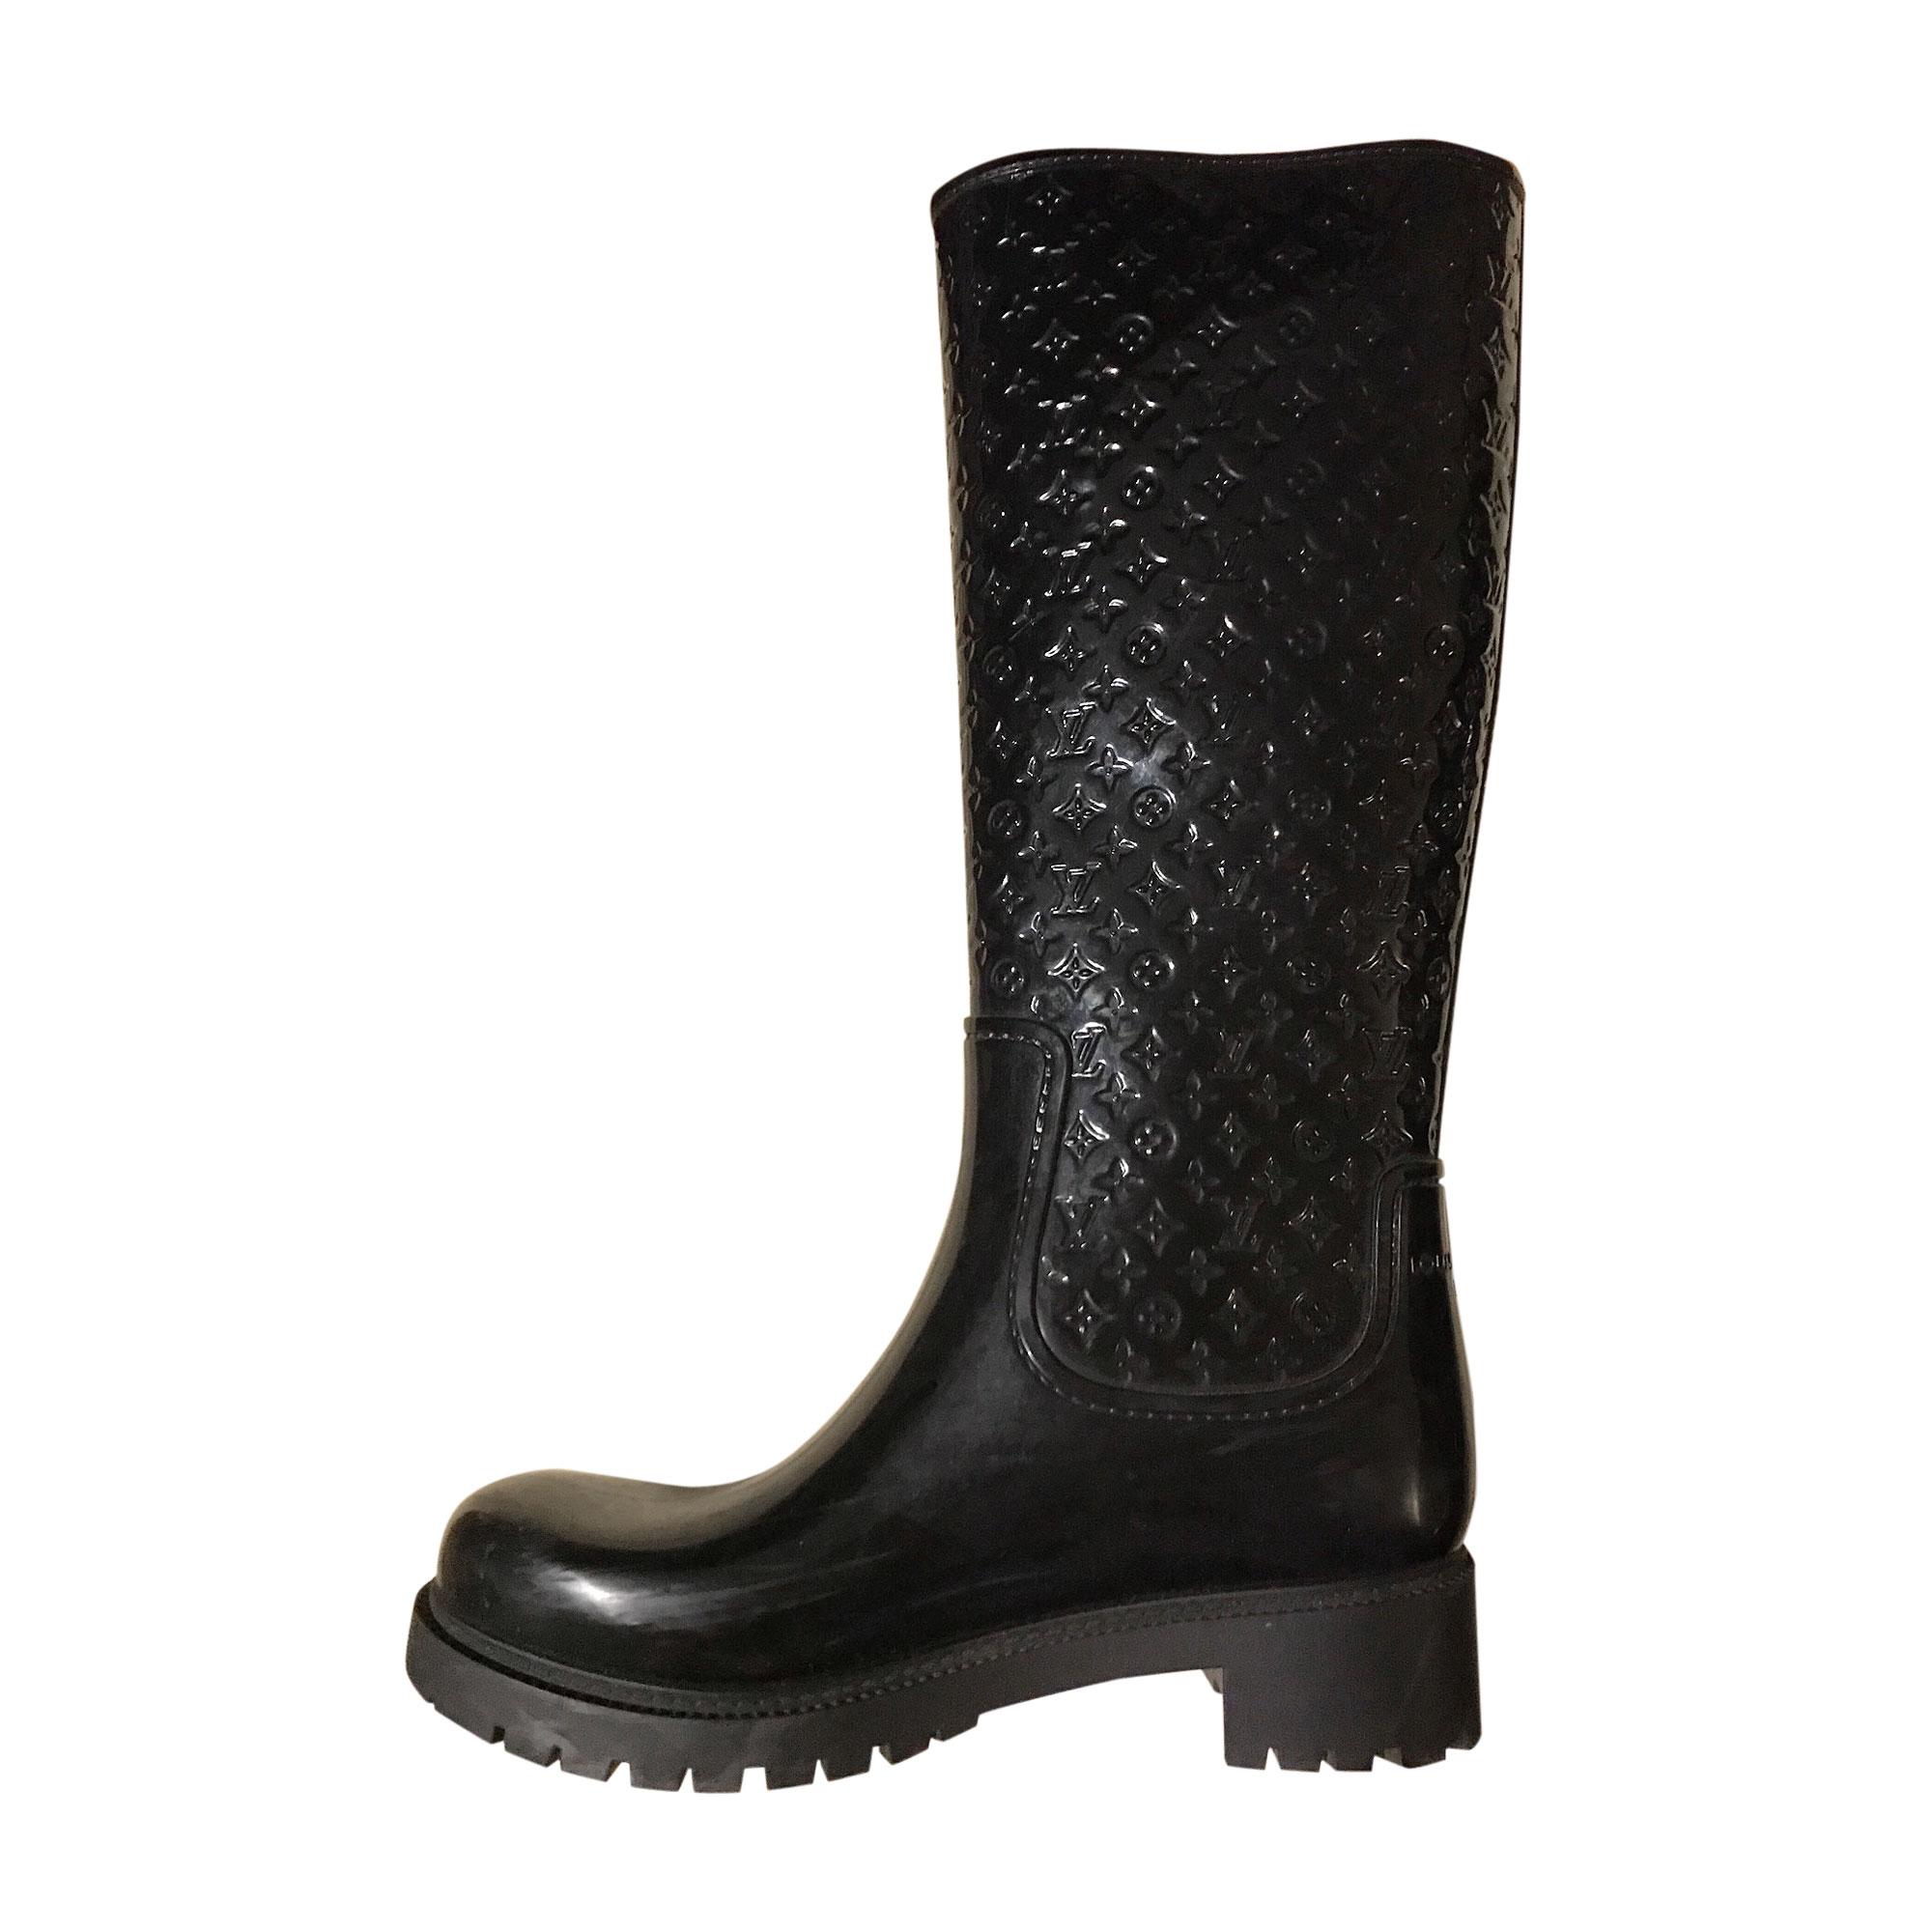 Bottes de pluie LOUIS VUITTON 37 noir vendu par Amelie 2692 - 8129648 fb2fcee9e53